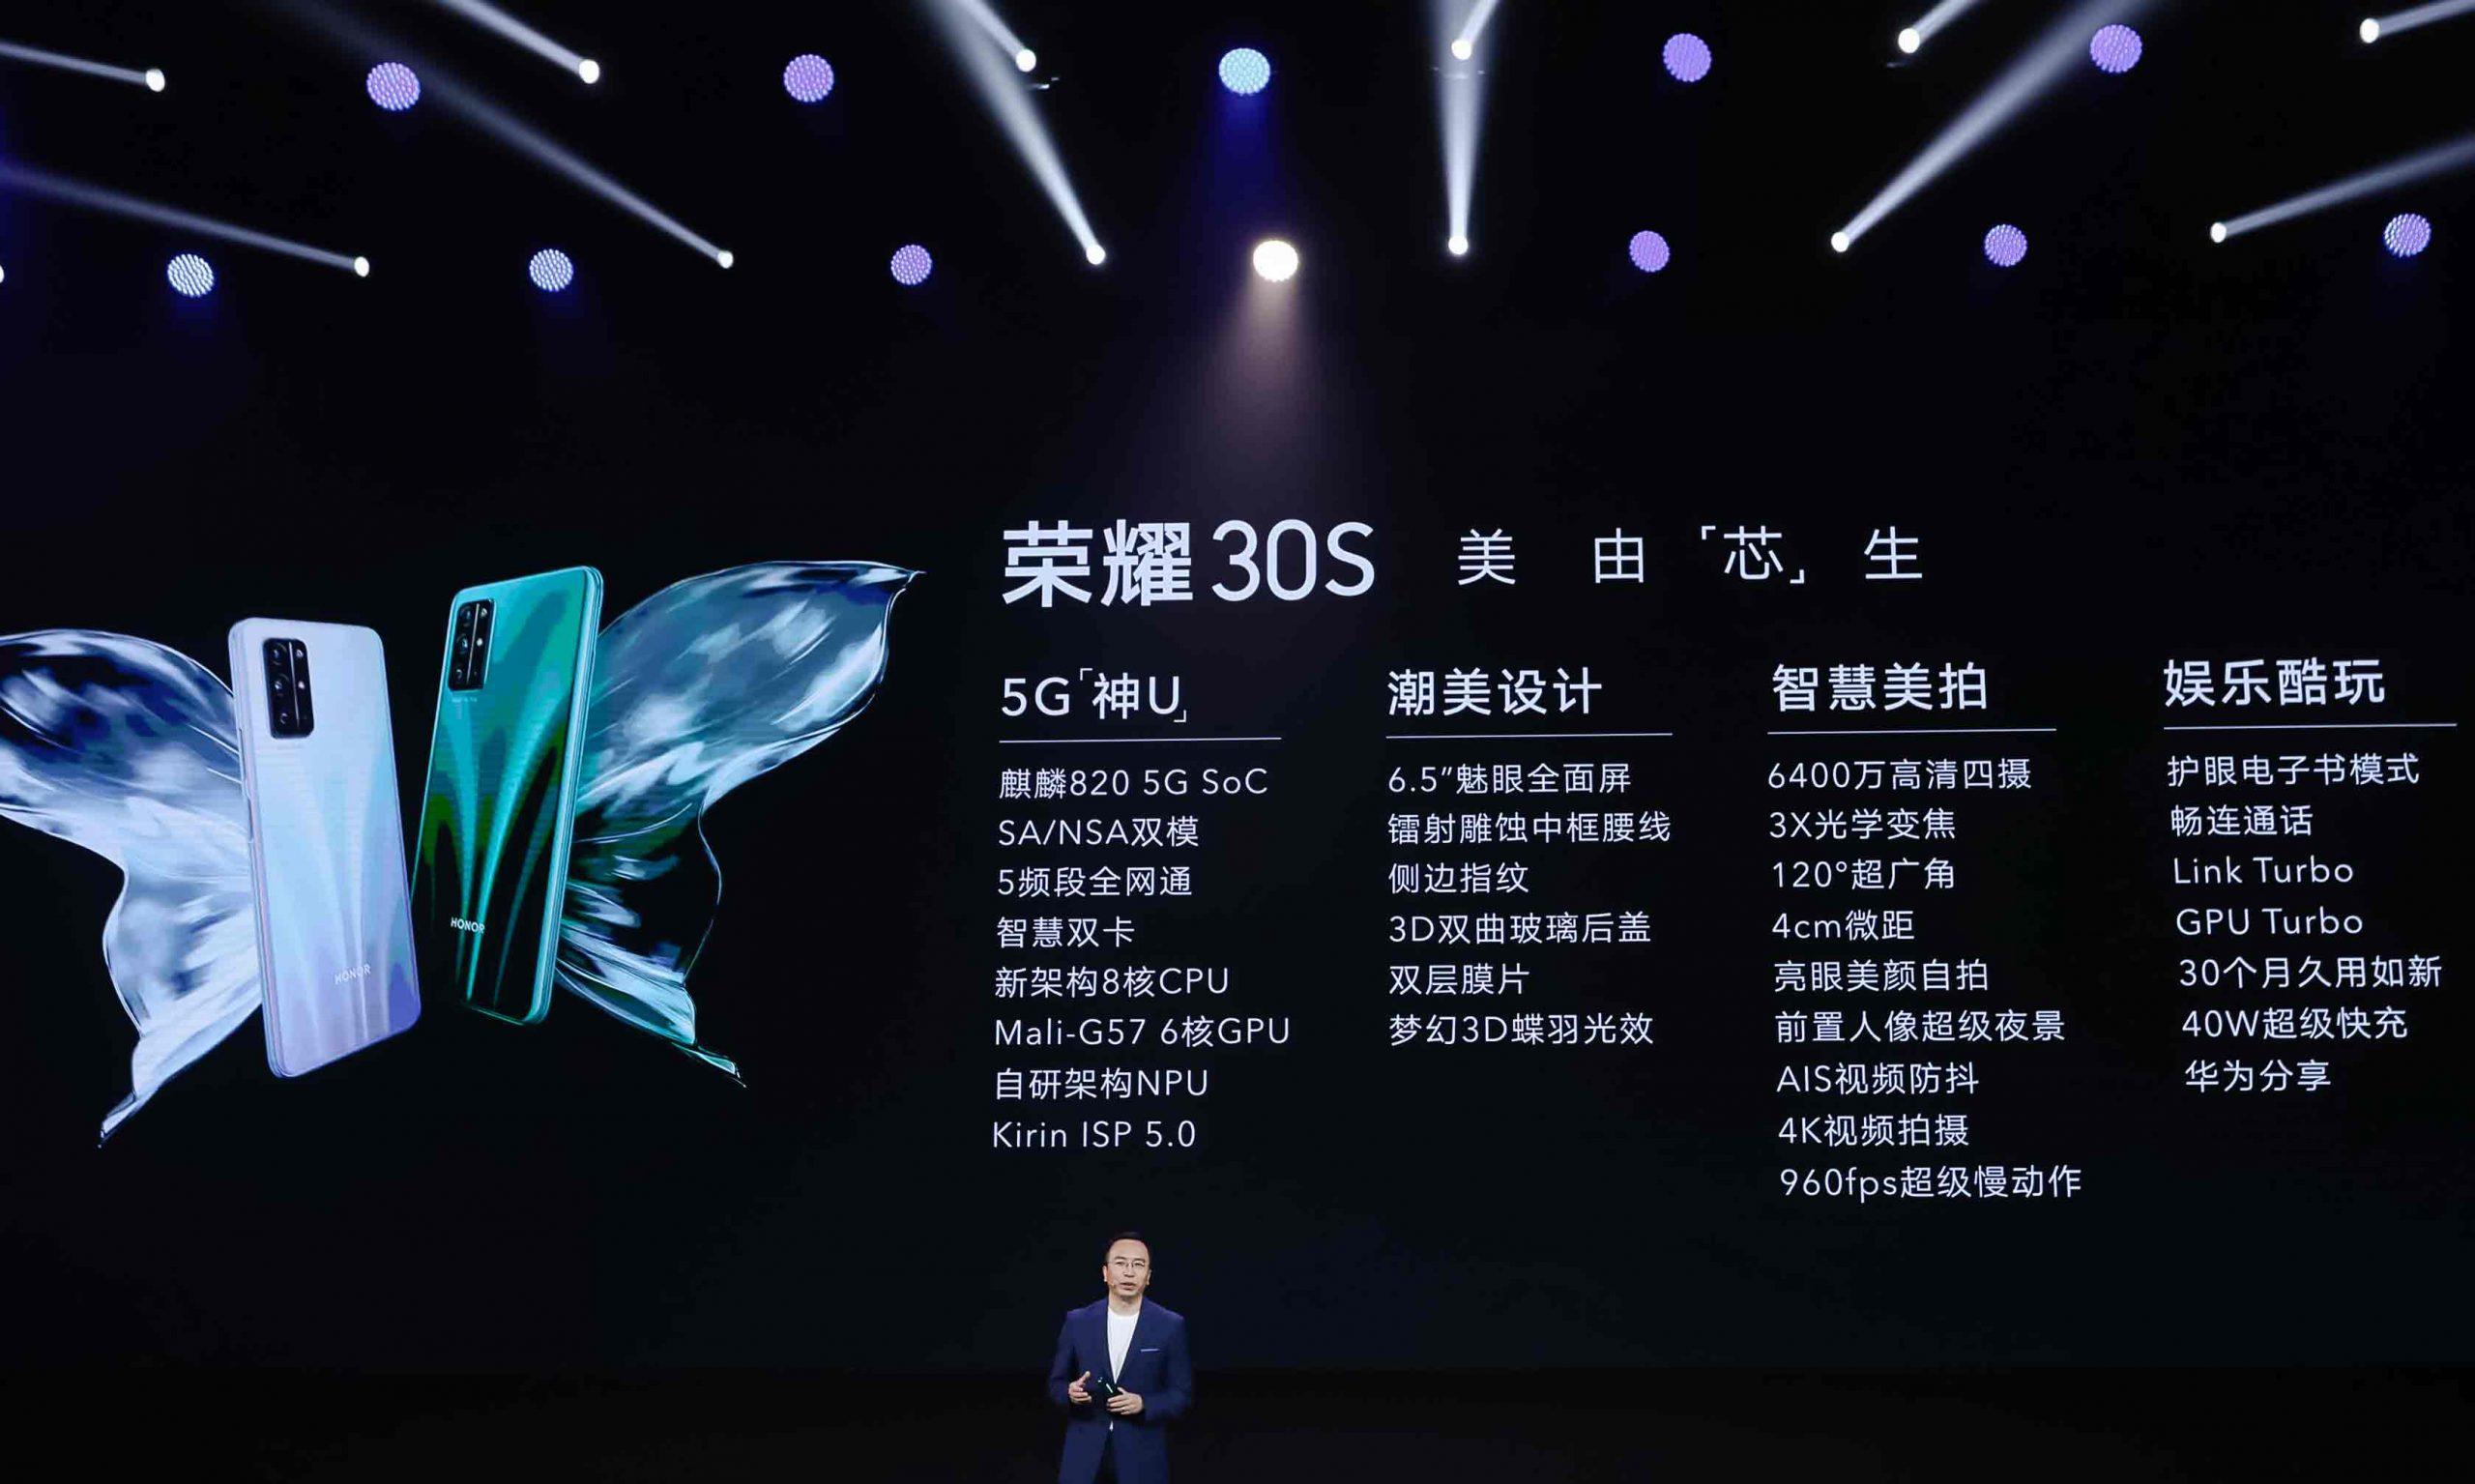 2020荣耀开年之作,美由「芯」生5G荣耀30S系列闪耀面世!